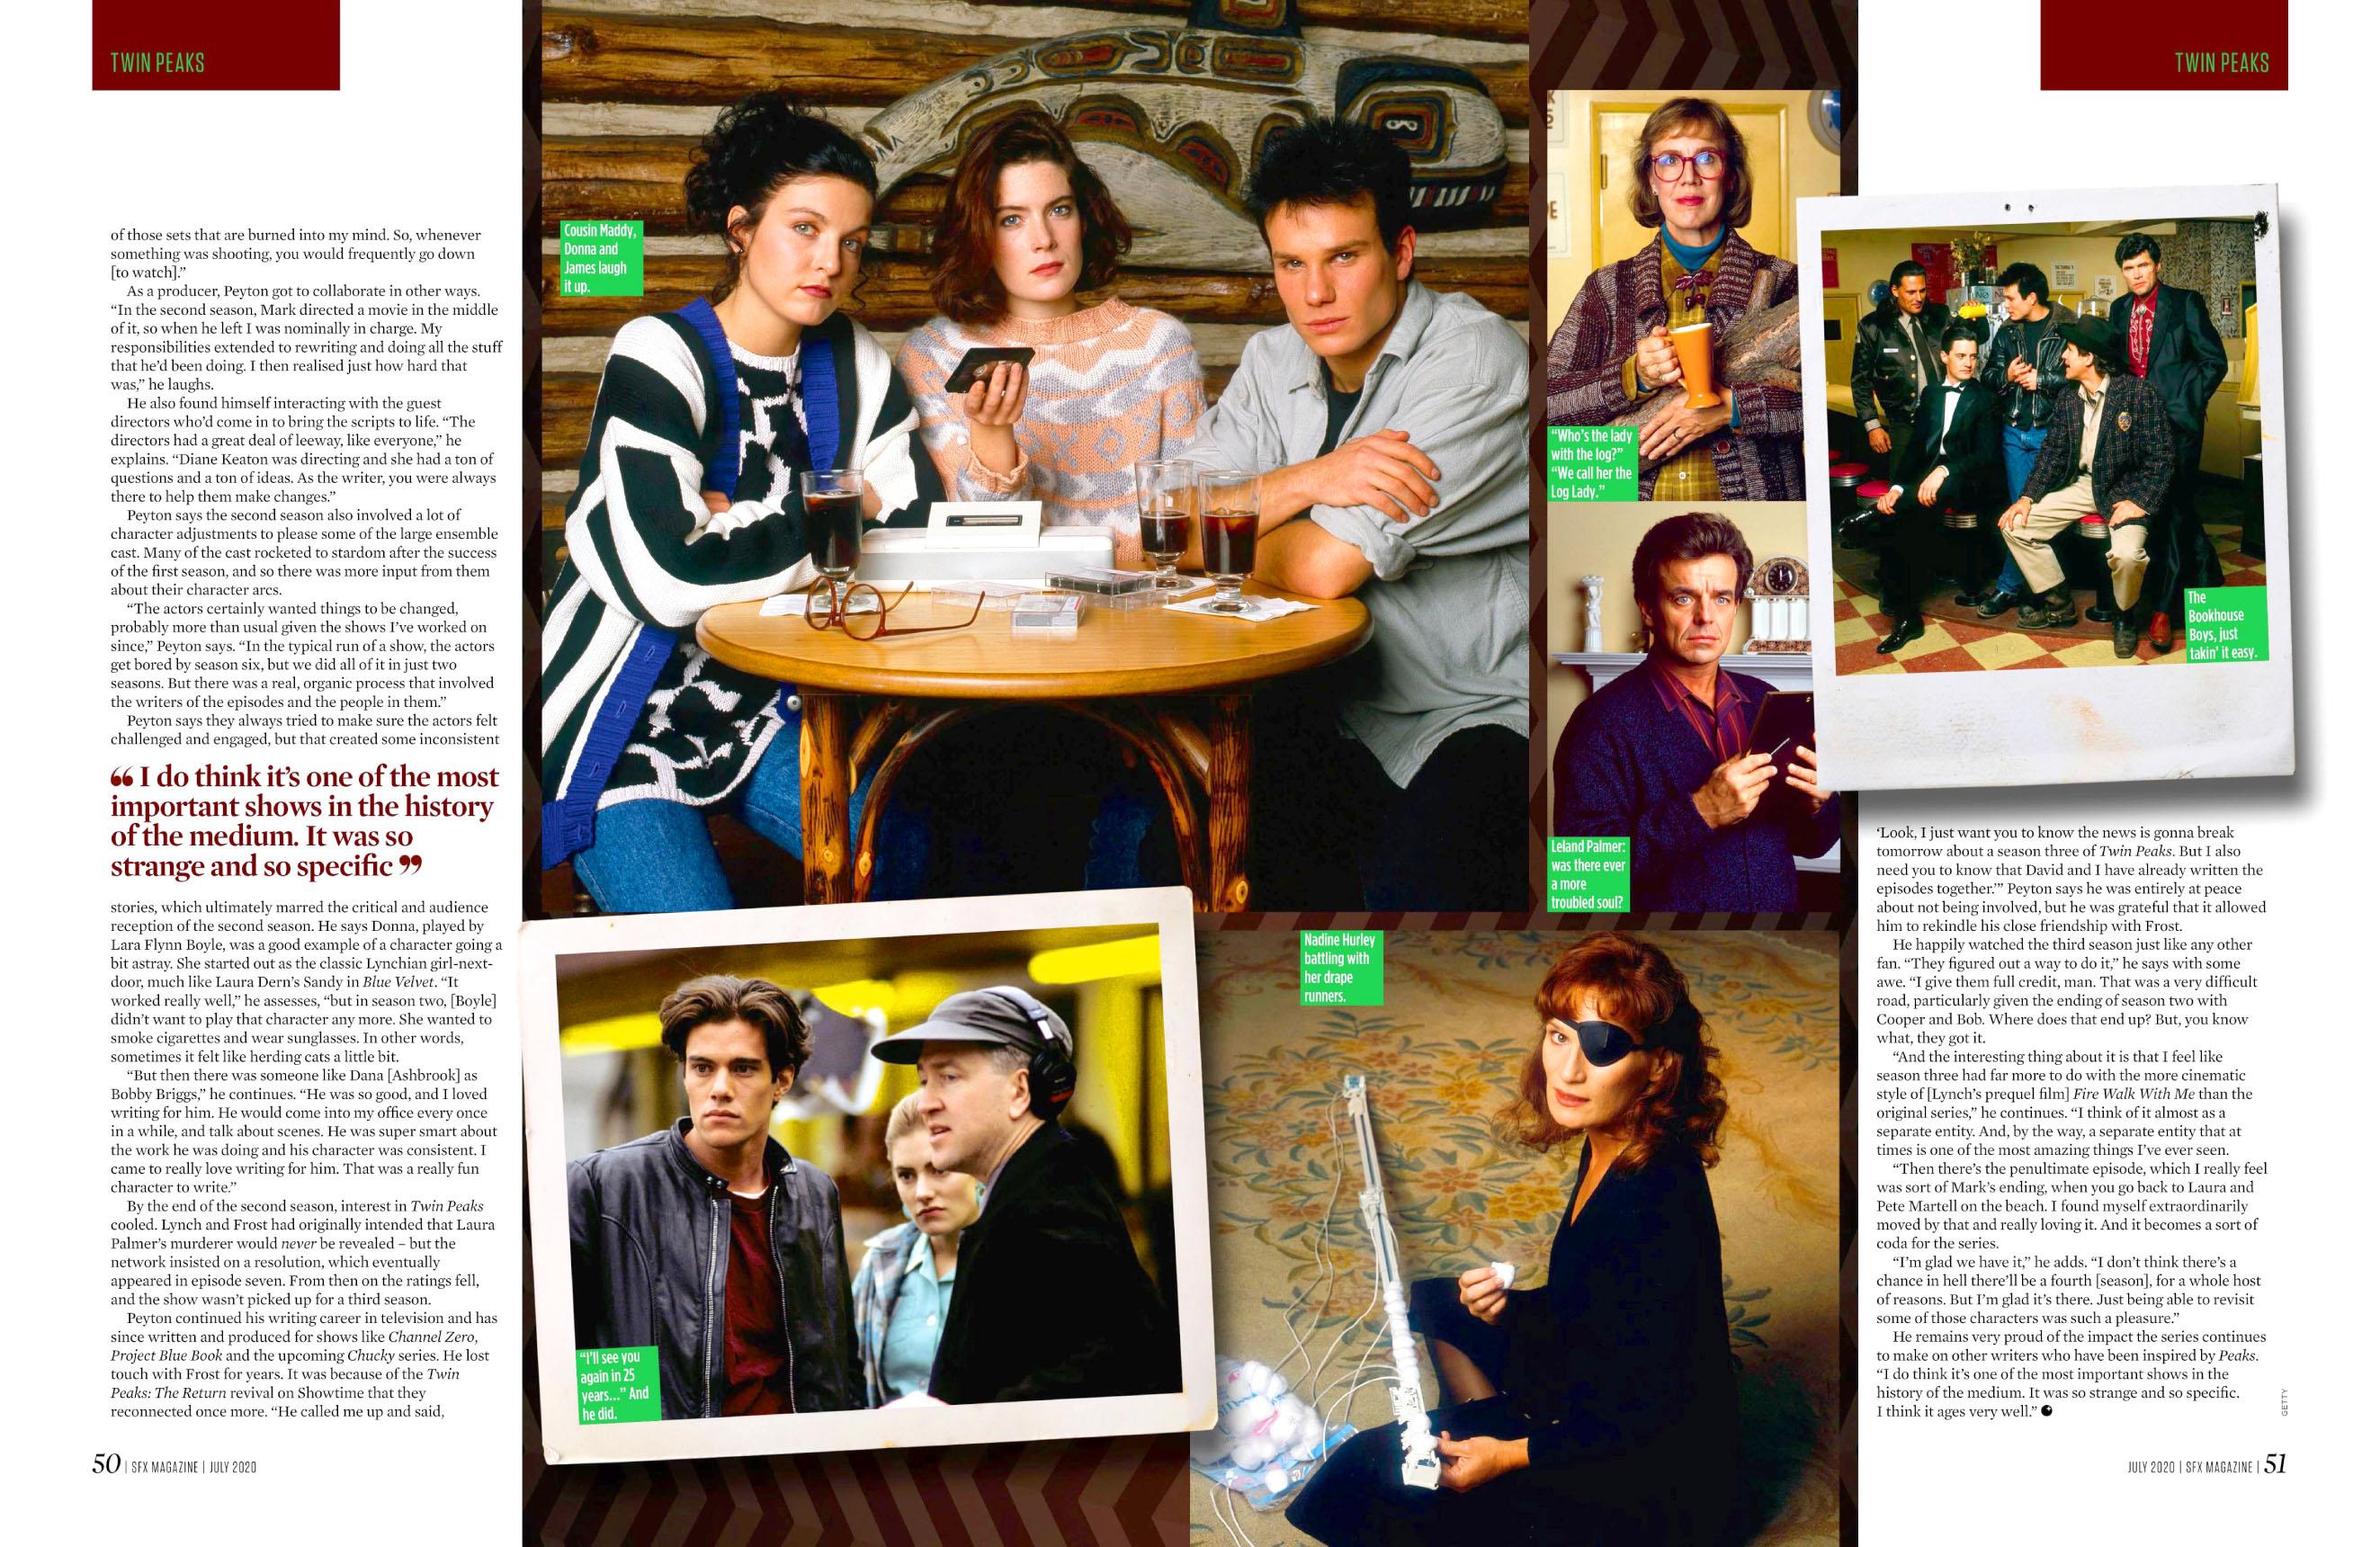 SFX 2020-07 Twin Peaks 03.jpg